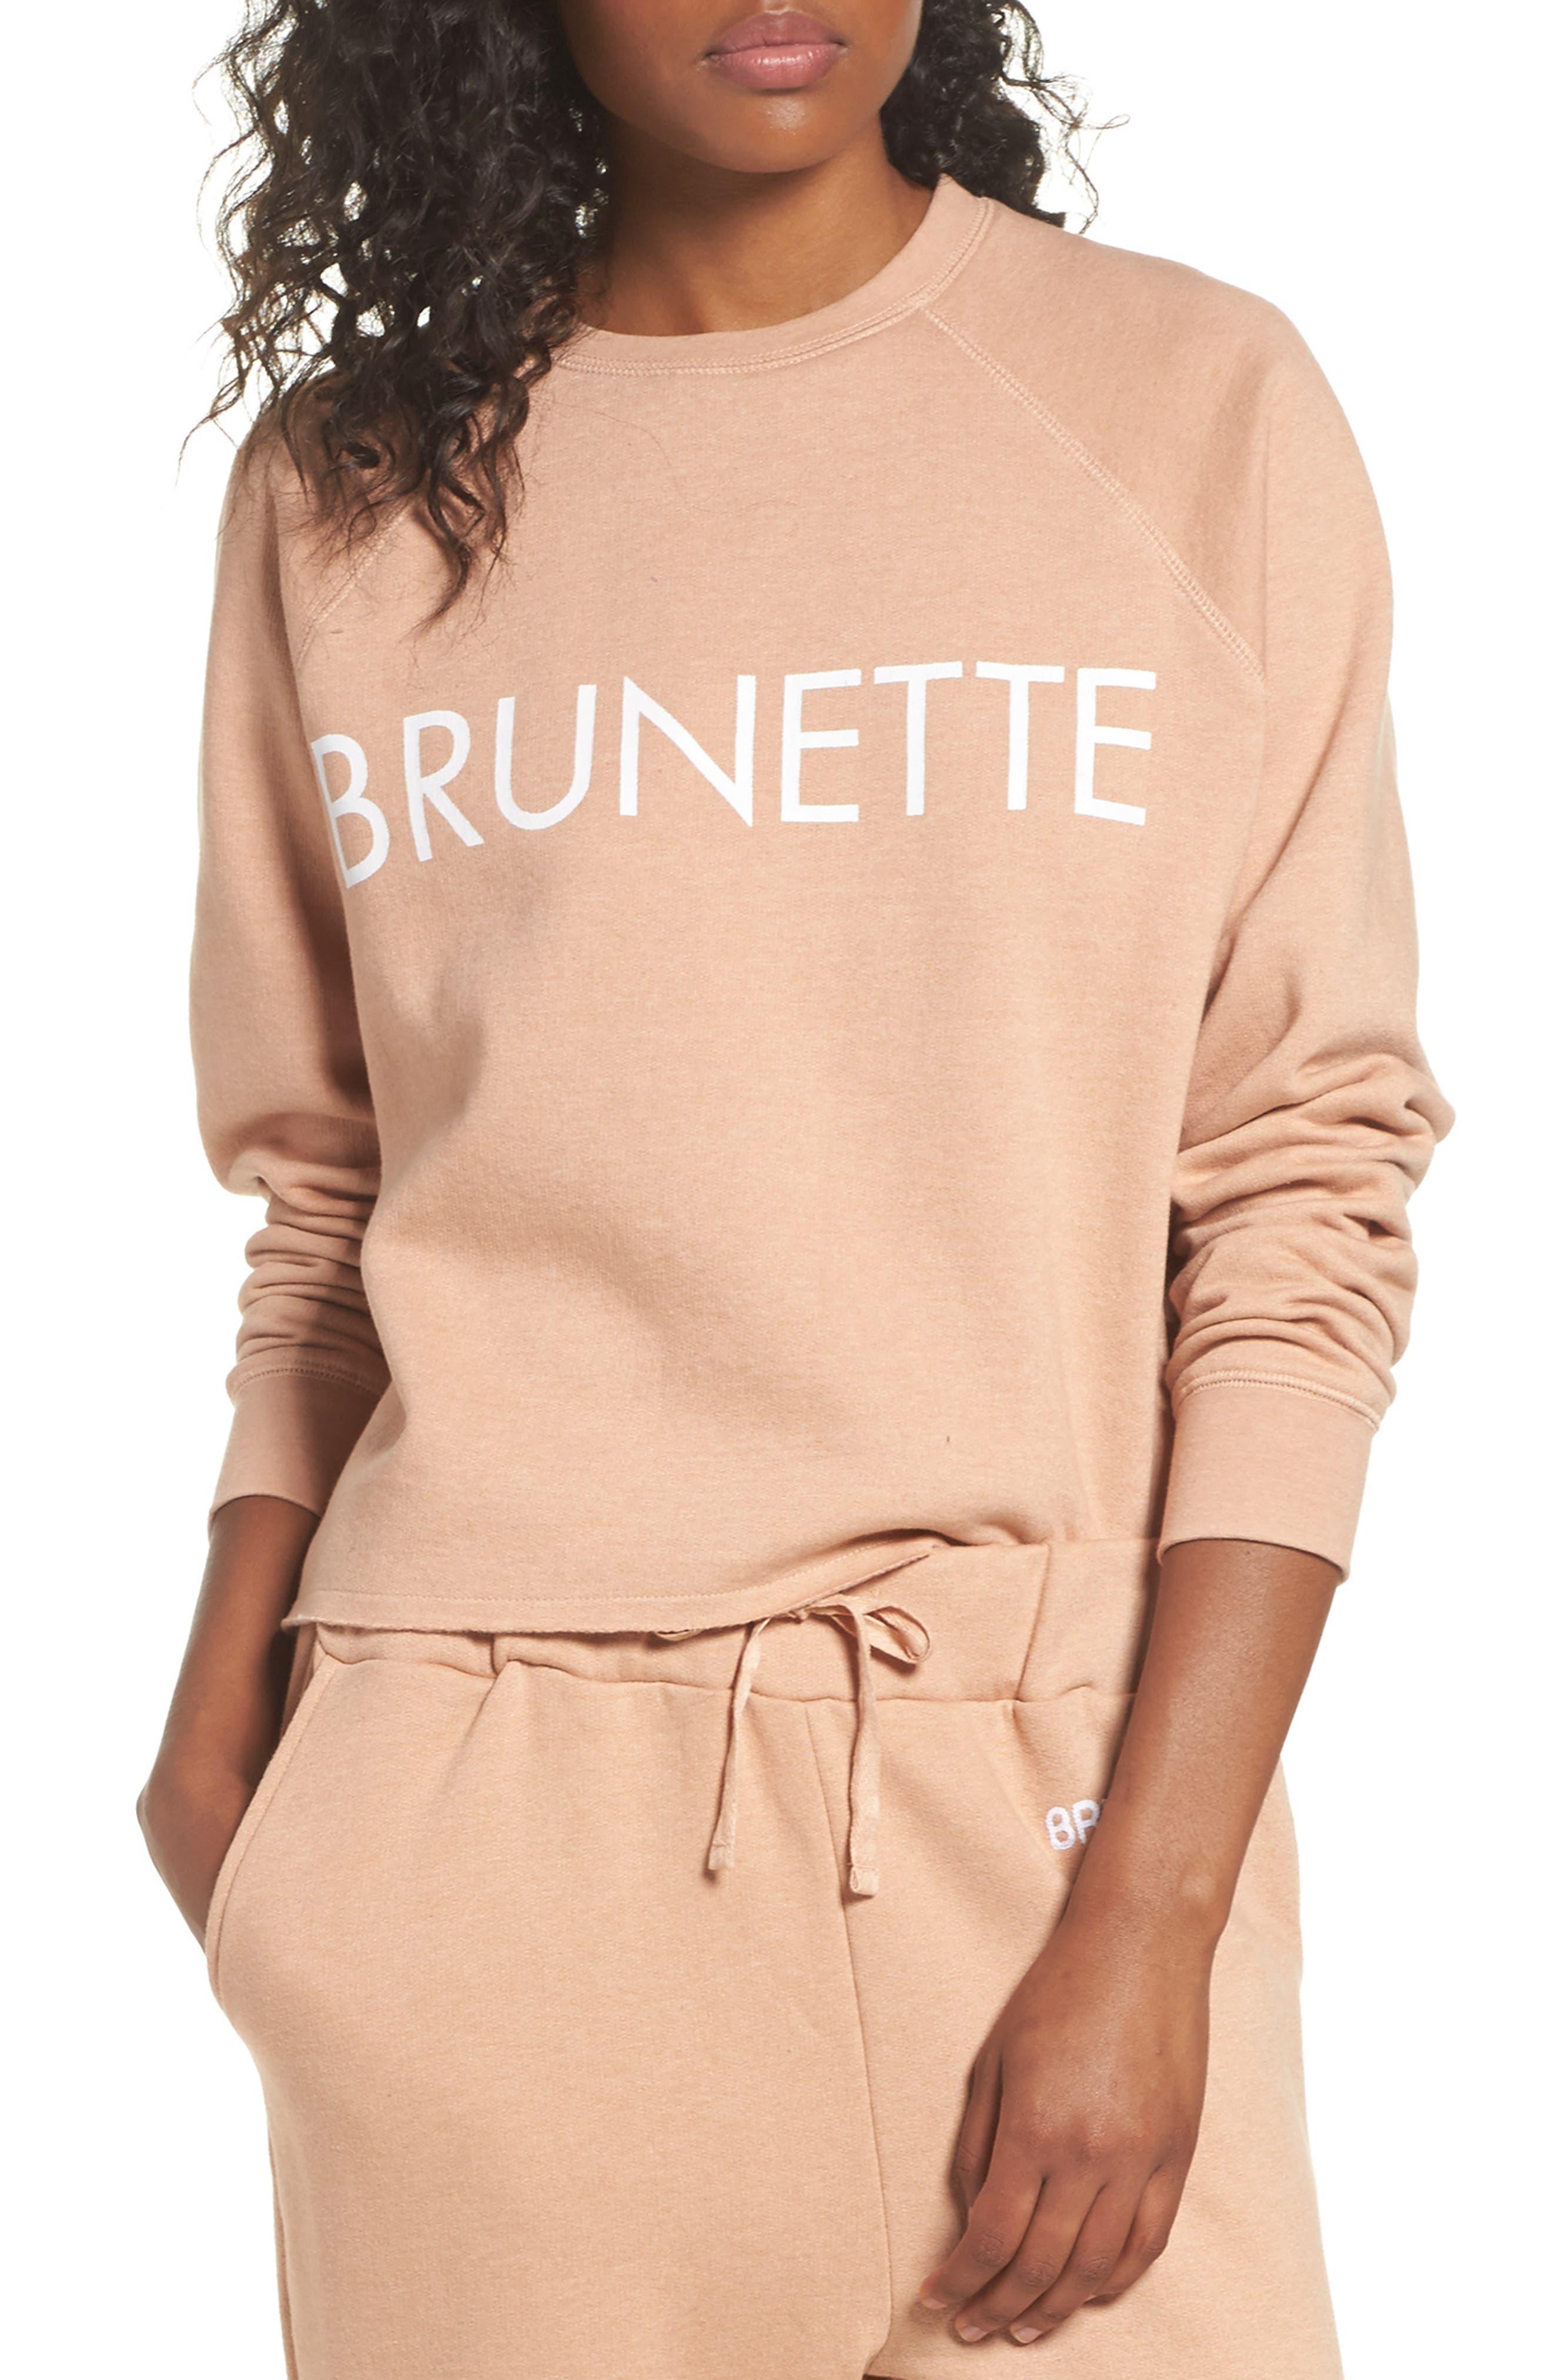 Middle Sister Brunette Sweatshirt,                         Main,                         color, Rose